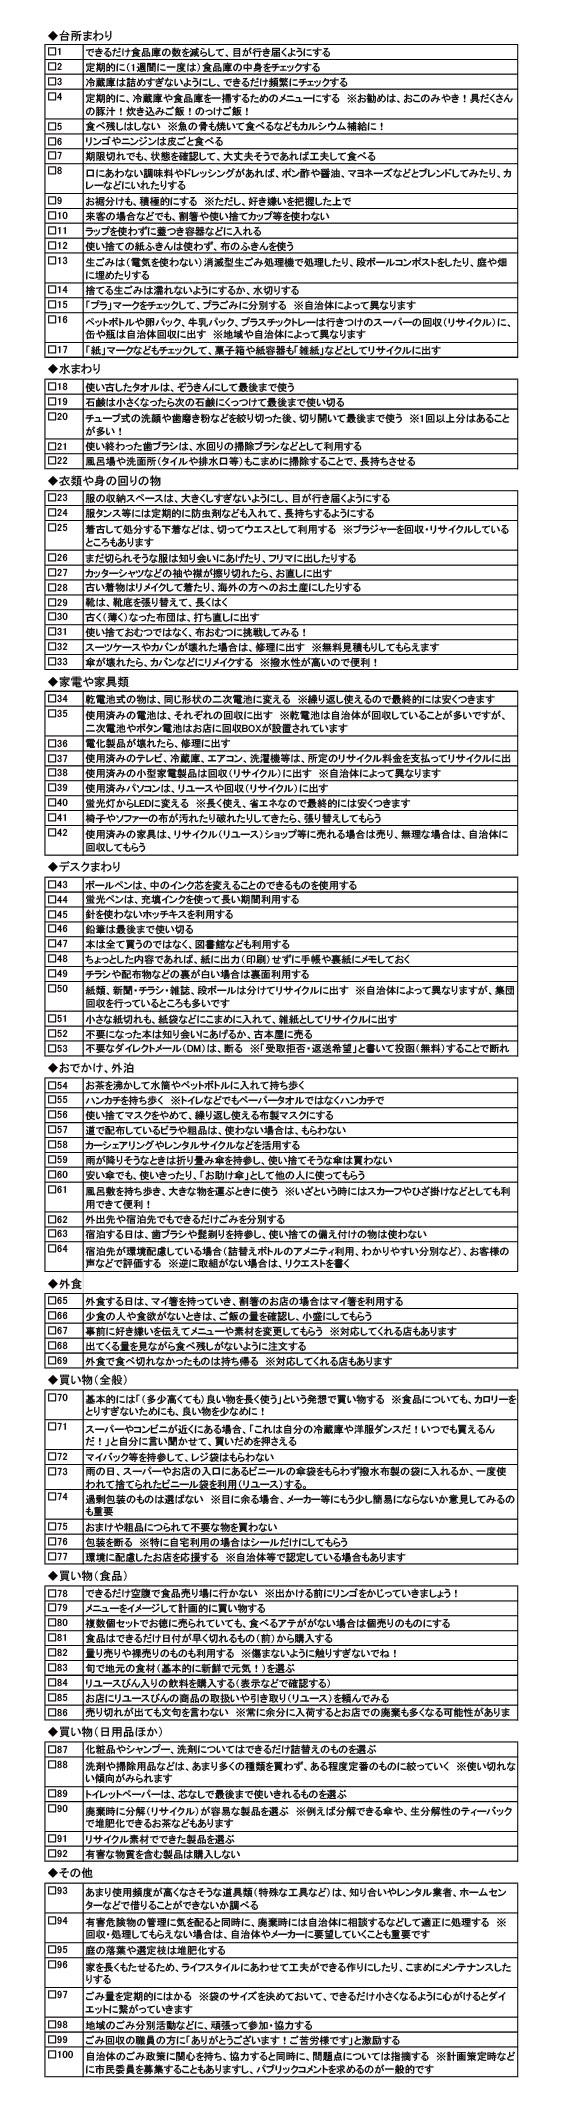 ゴミチェックリスト